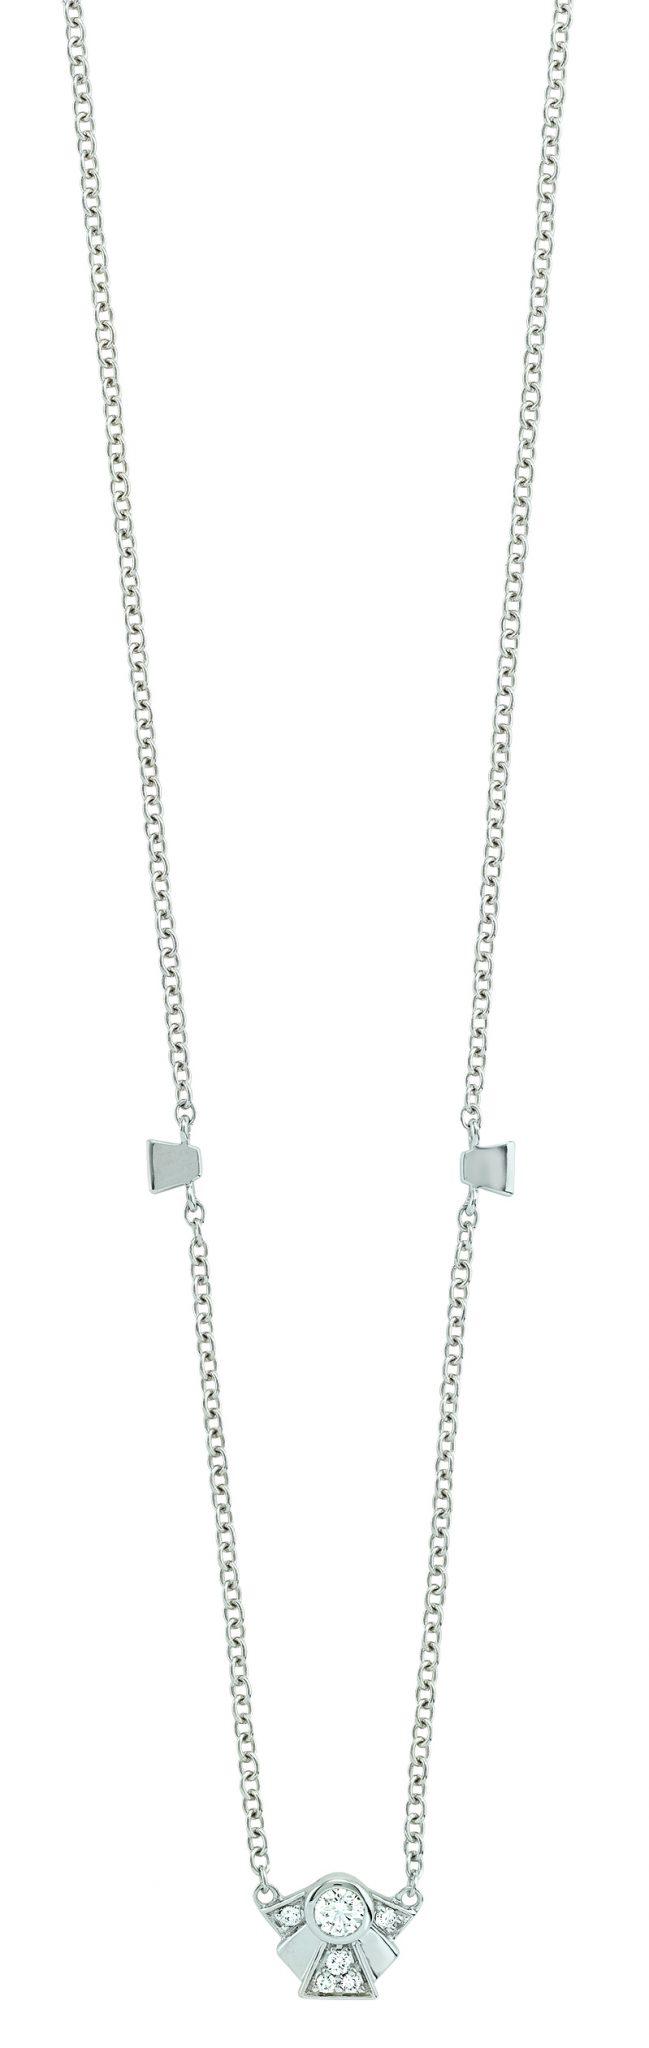 Gringoire Joaillier - Collier mini King - WP1686BTS